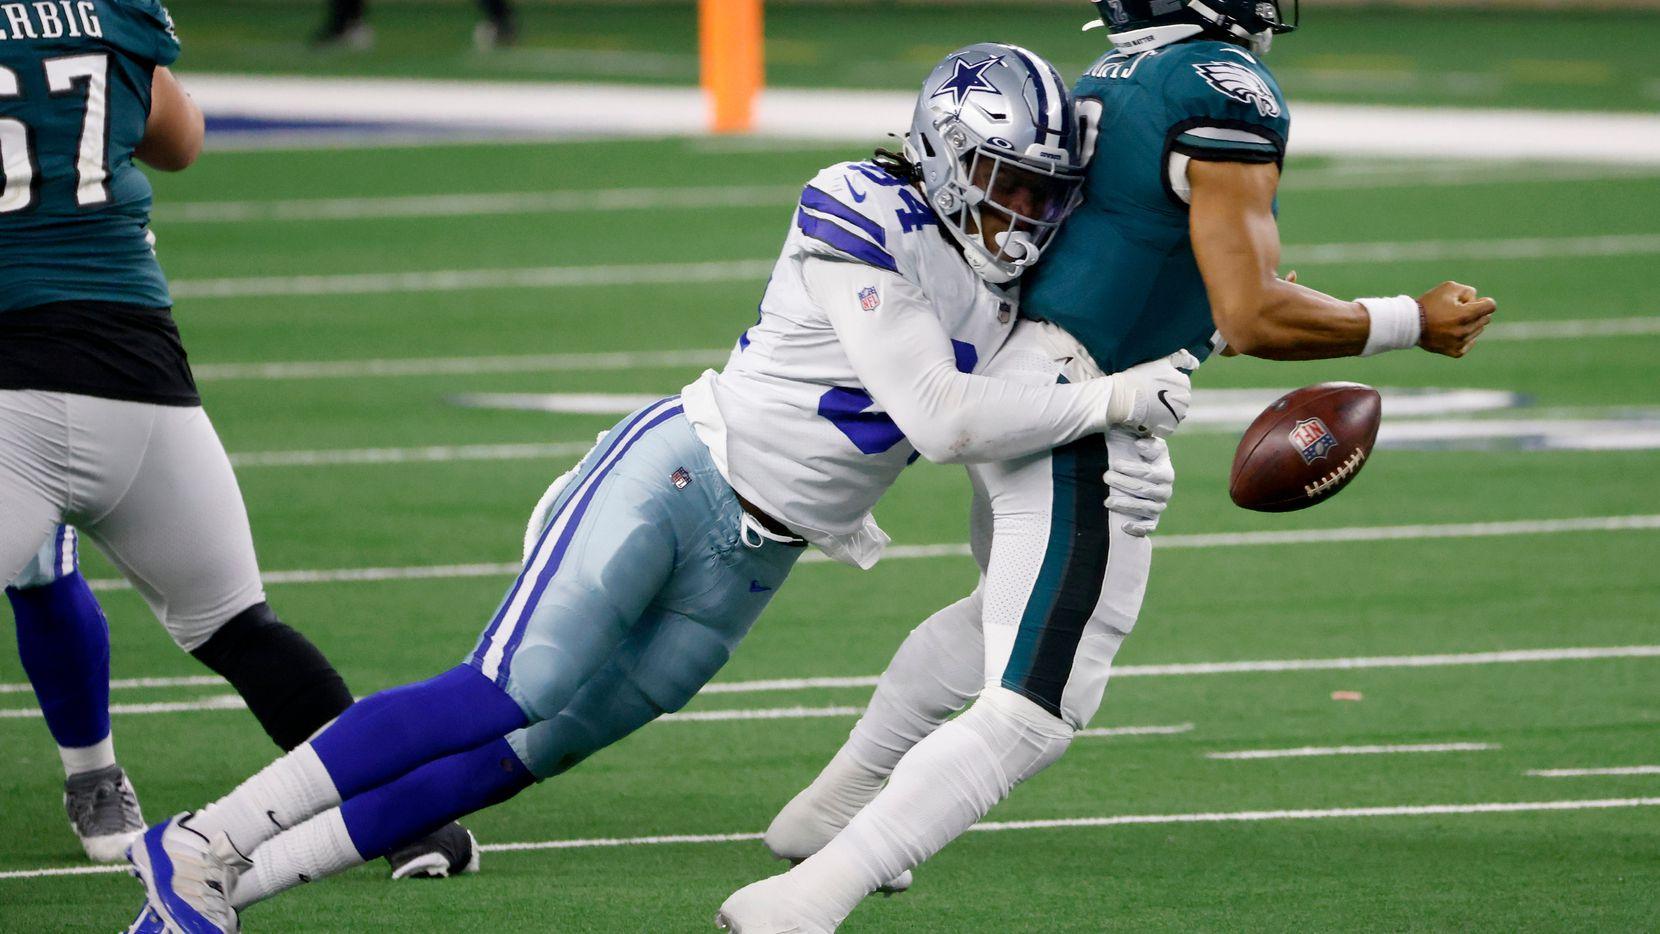 El ala defensivo de los Dallas Cowboys, Randy Gregory (izq),  atrapa al mariscal de los Eagles de Filadelfia, Jalen Hurts, en el juego del 27 de diciembre de 2020 en el AT&T Stadium de Arlington.